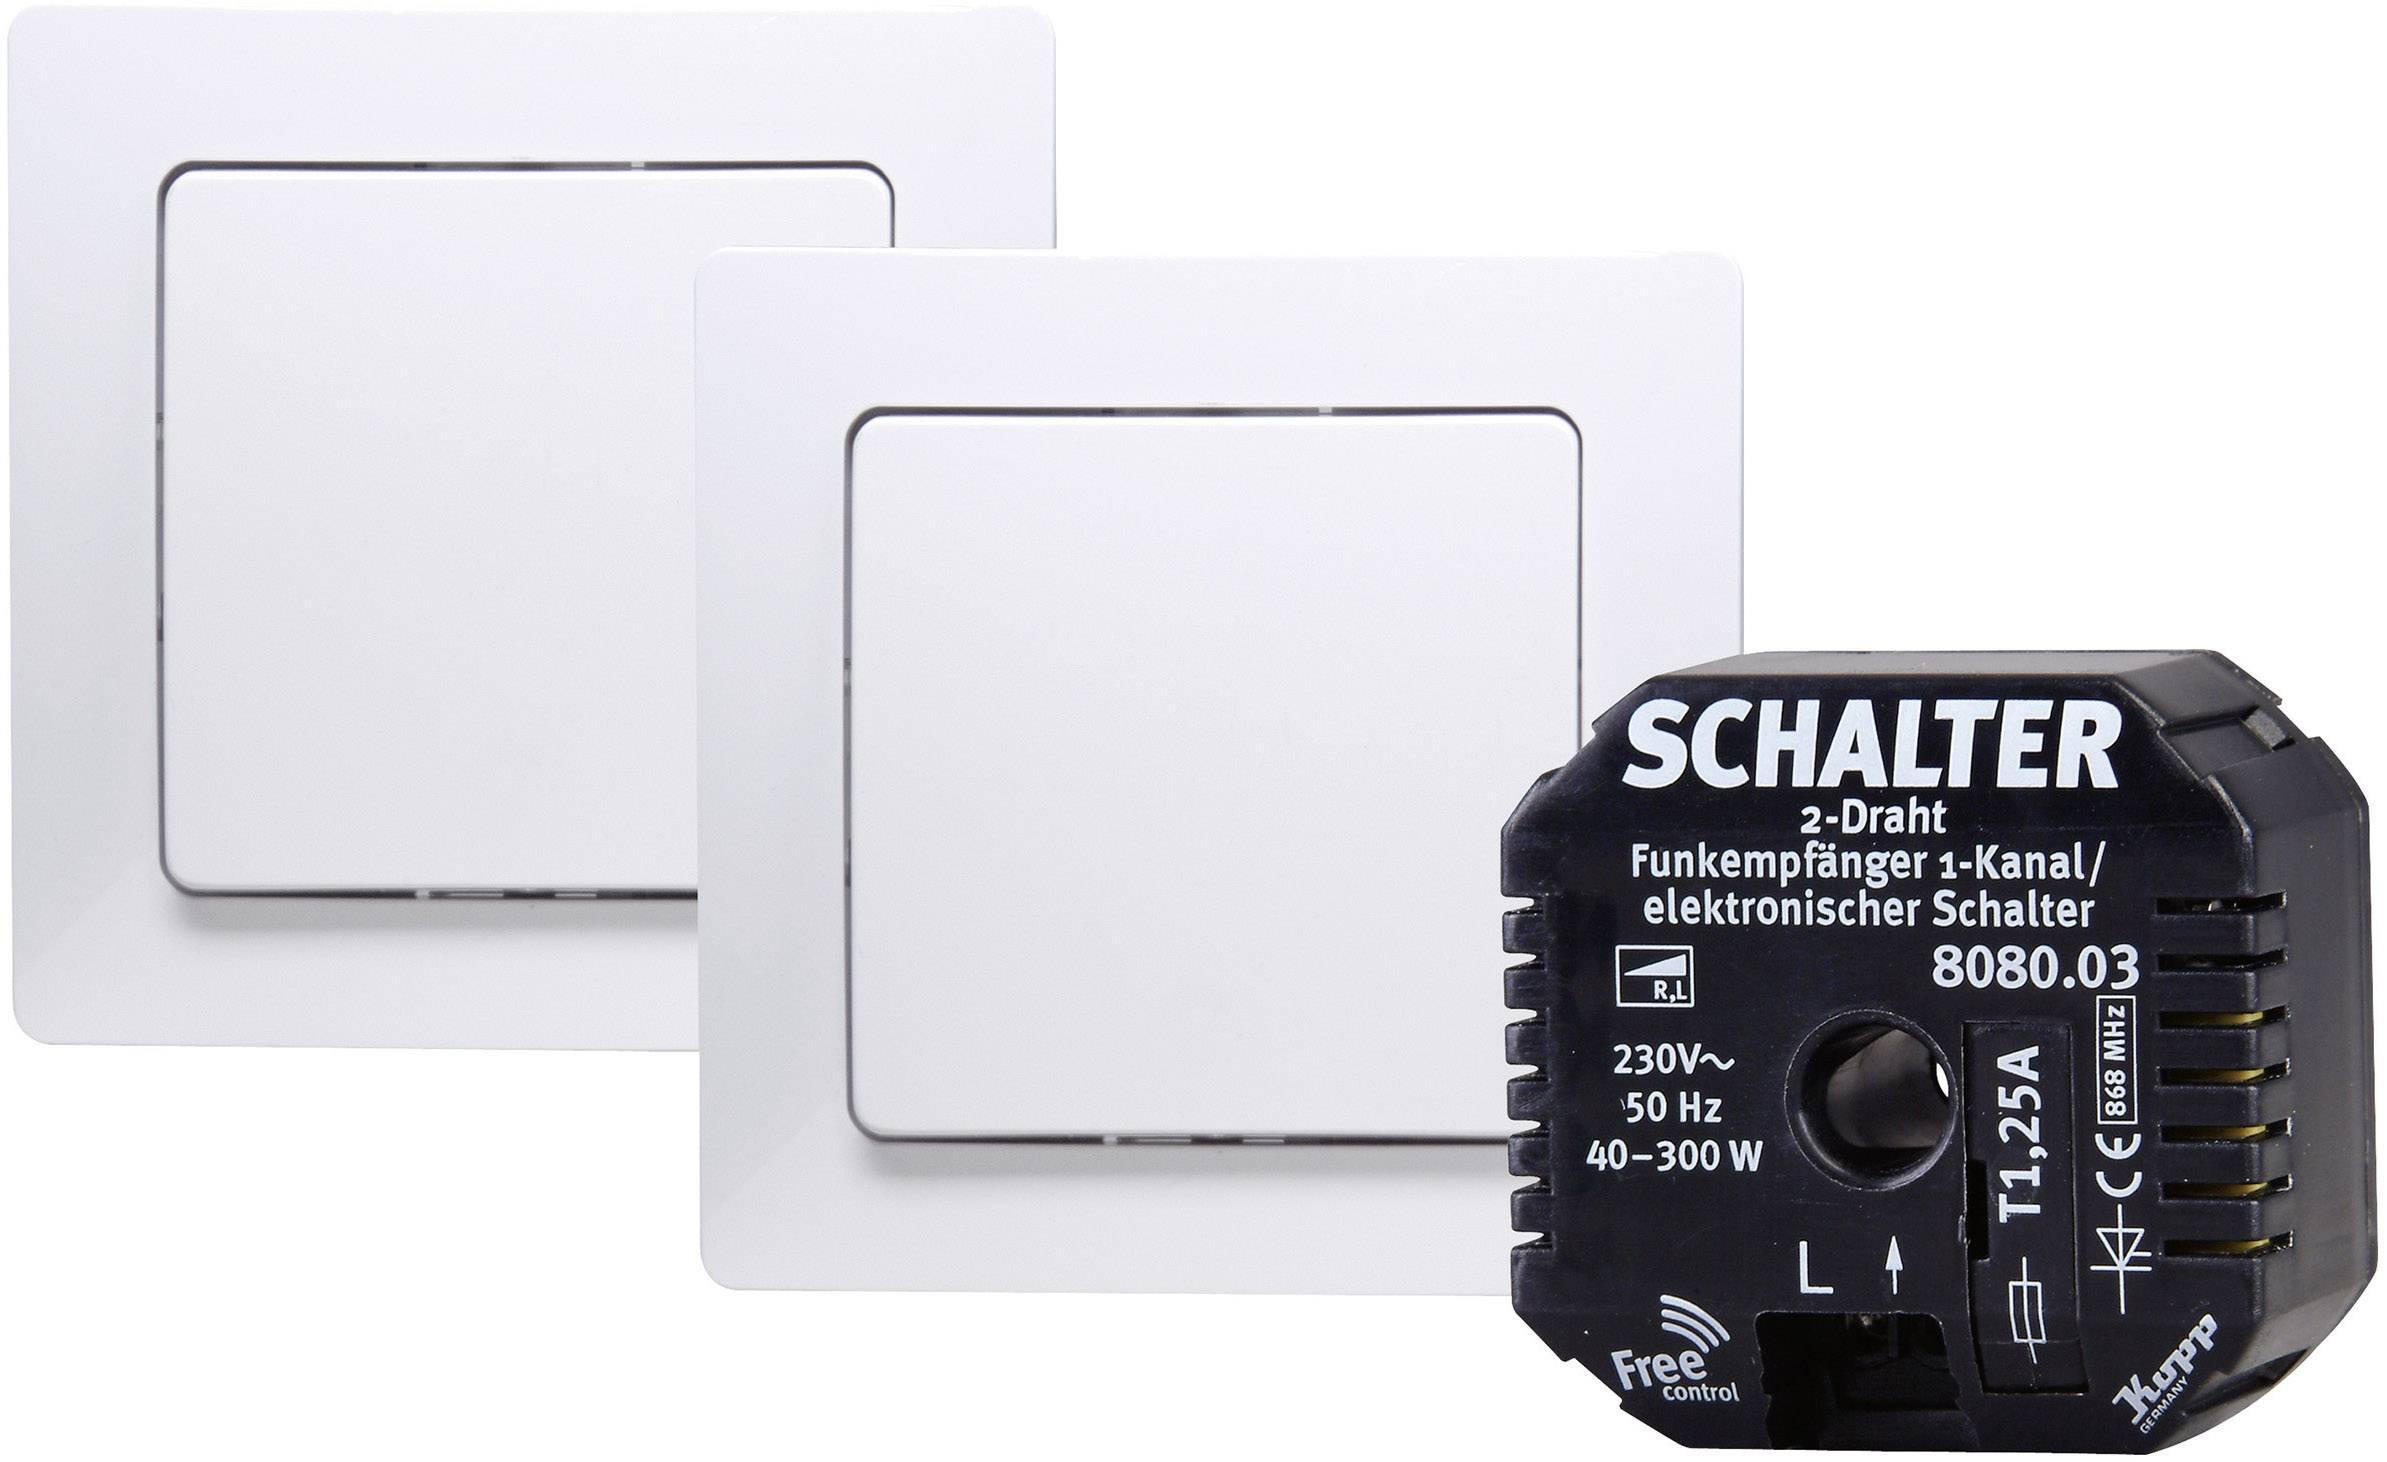 Groß 2 Draht 2 Elektrische Schalter Ideen - Der Schaltplan ...